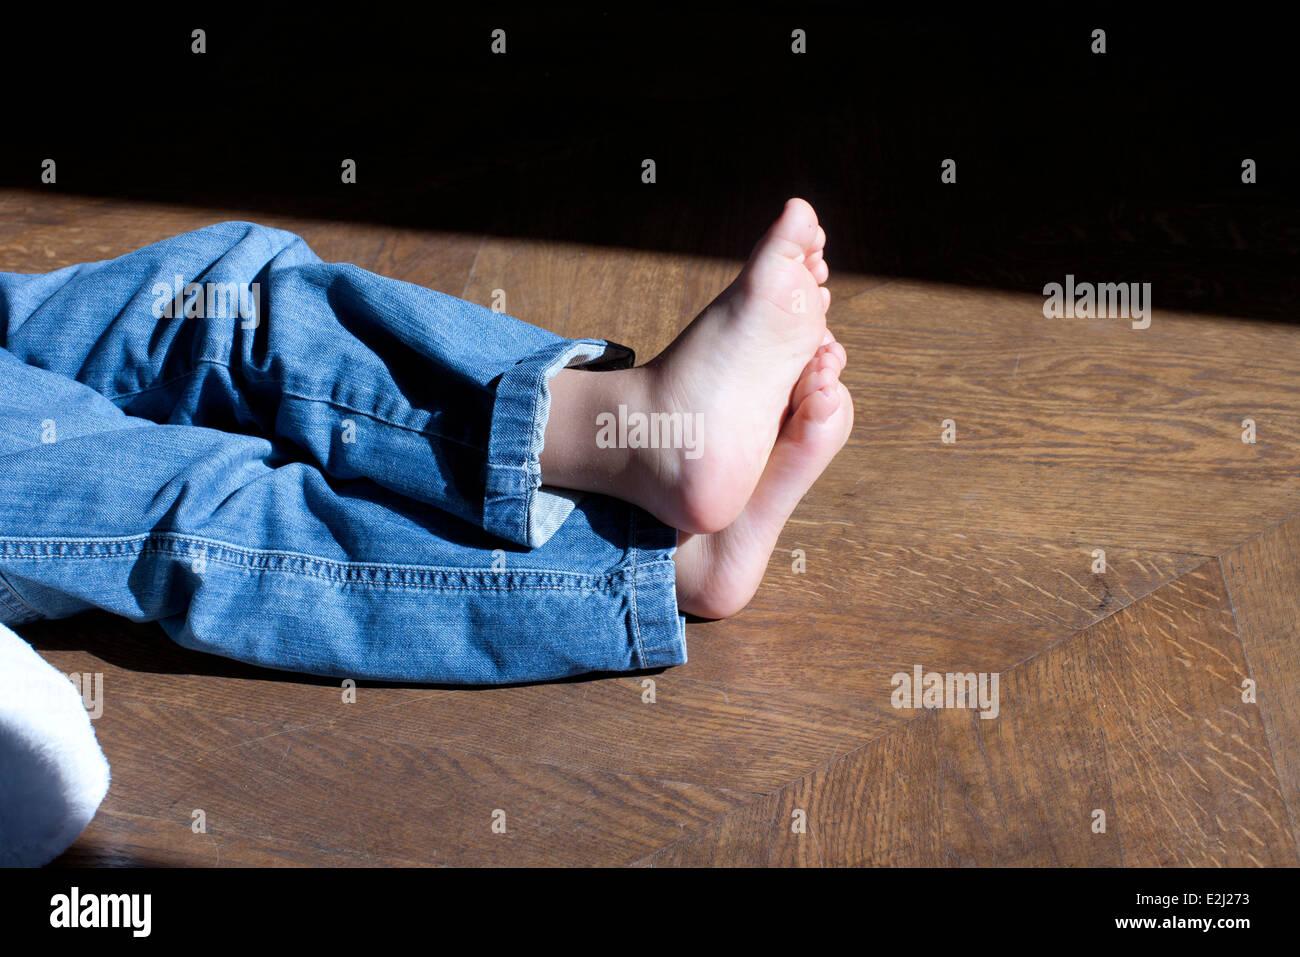 A piedi nudi bambino seduto sul pavimento, sezione bassa Immagini Stock